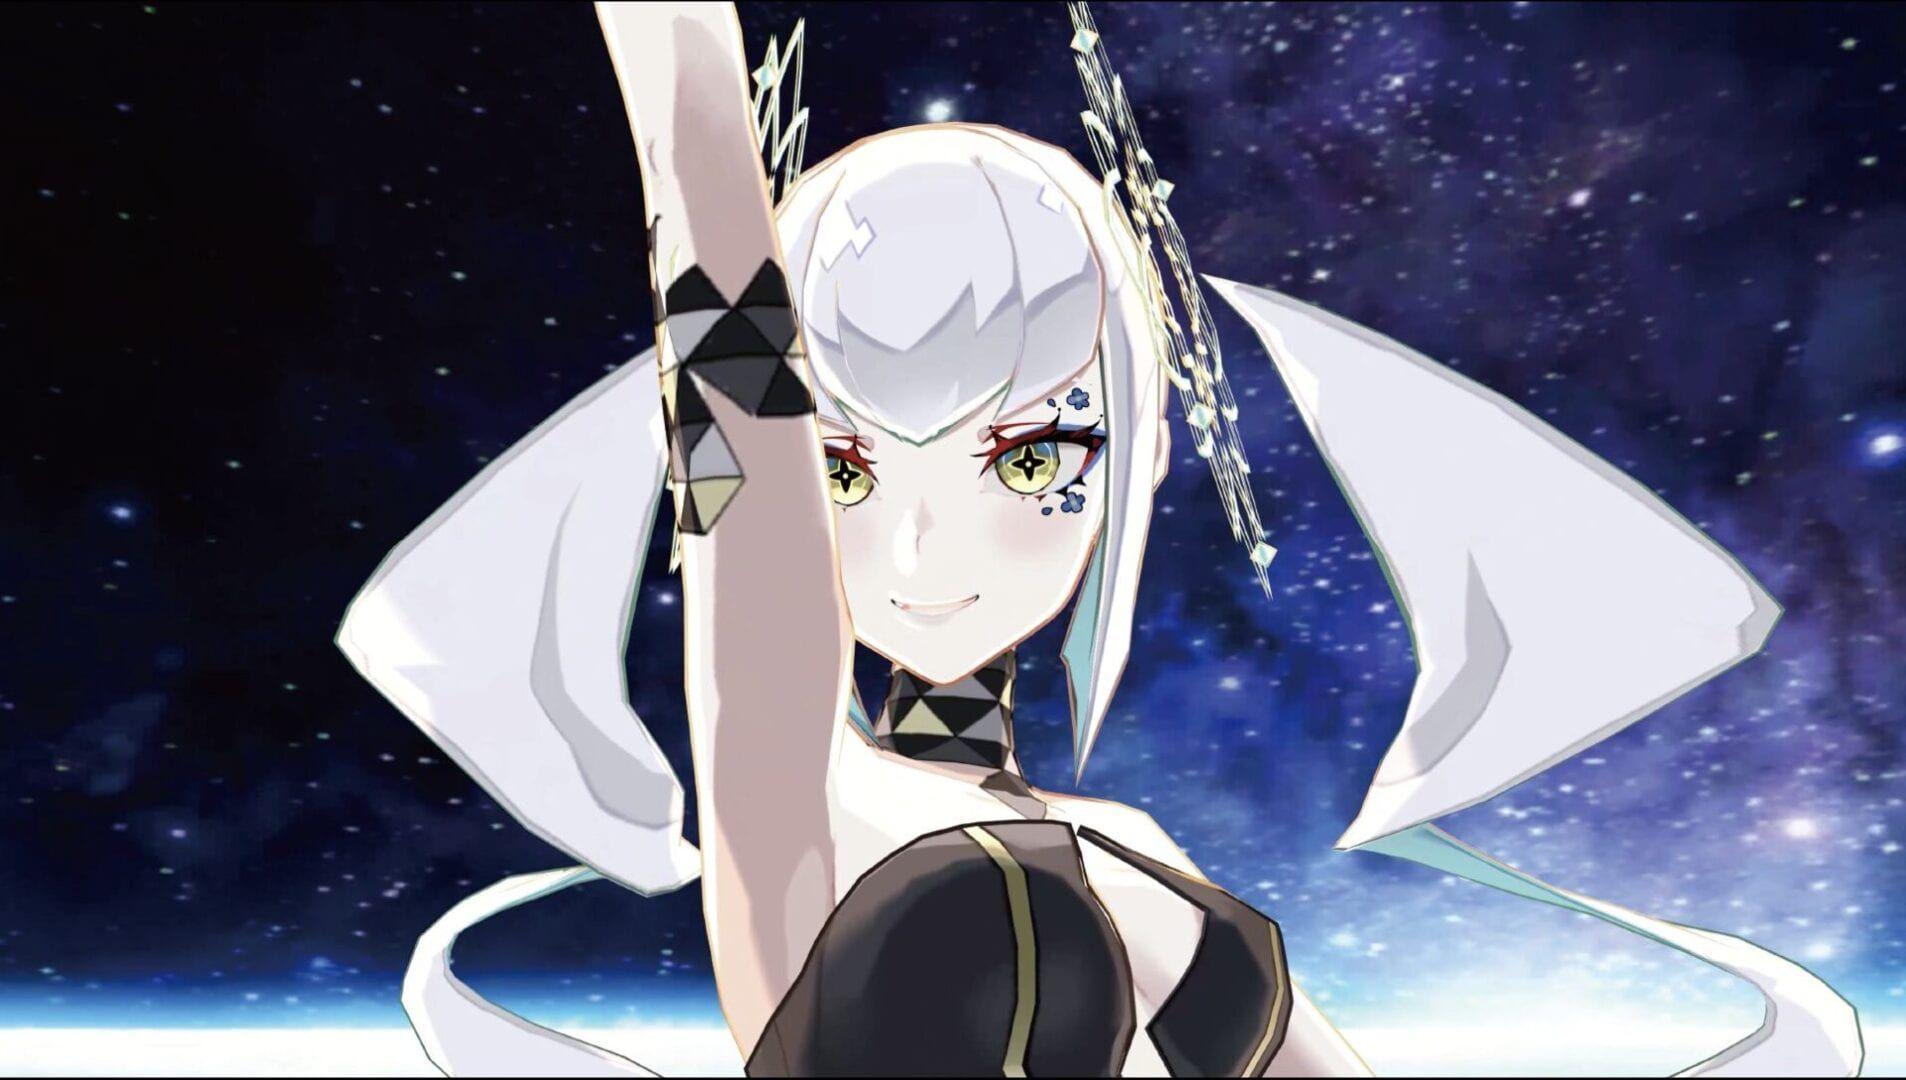 ALTDEUS Beyond Chronos by Tokyo Chronos Developer Gets